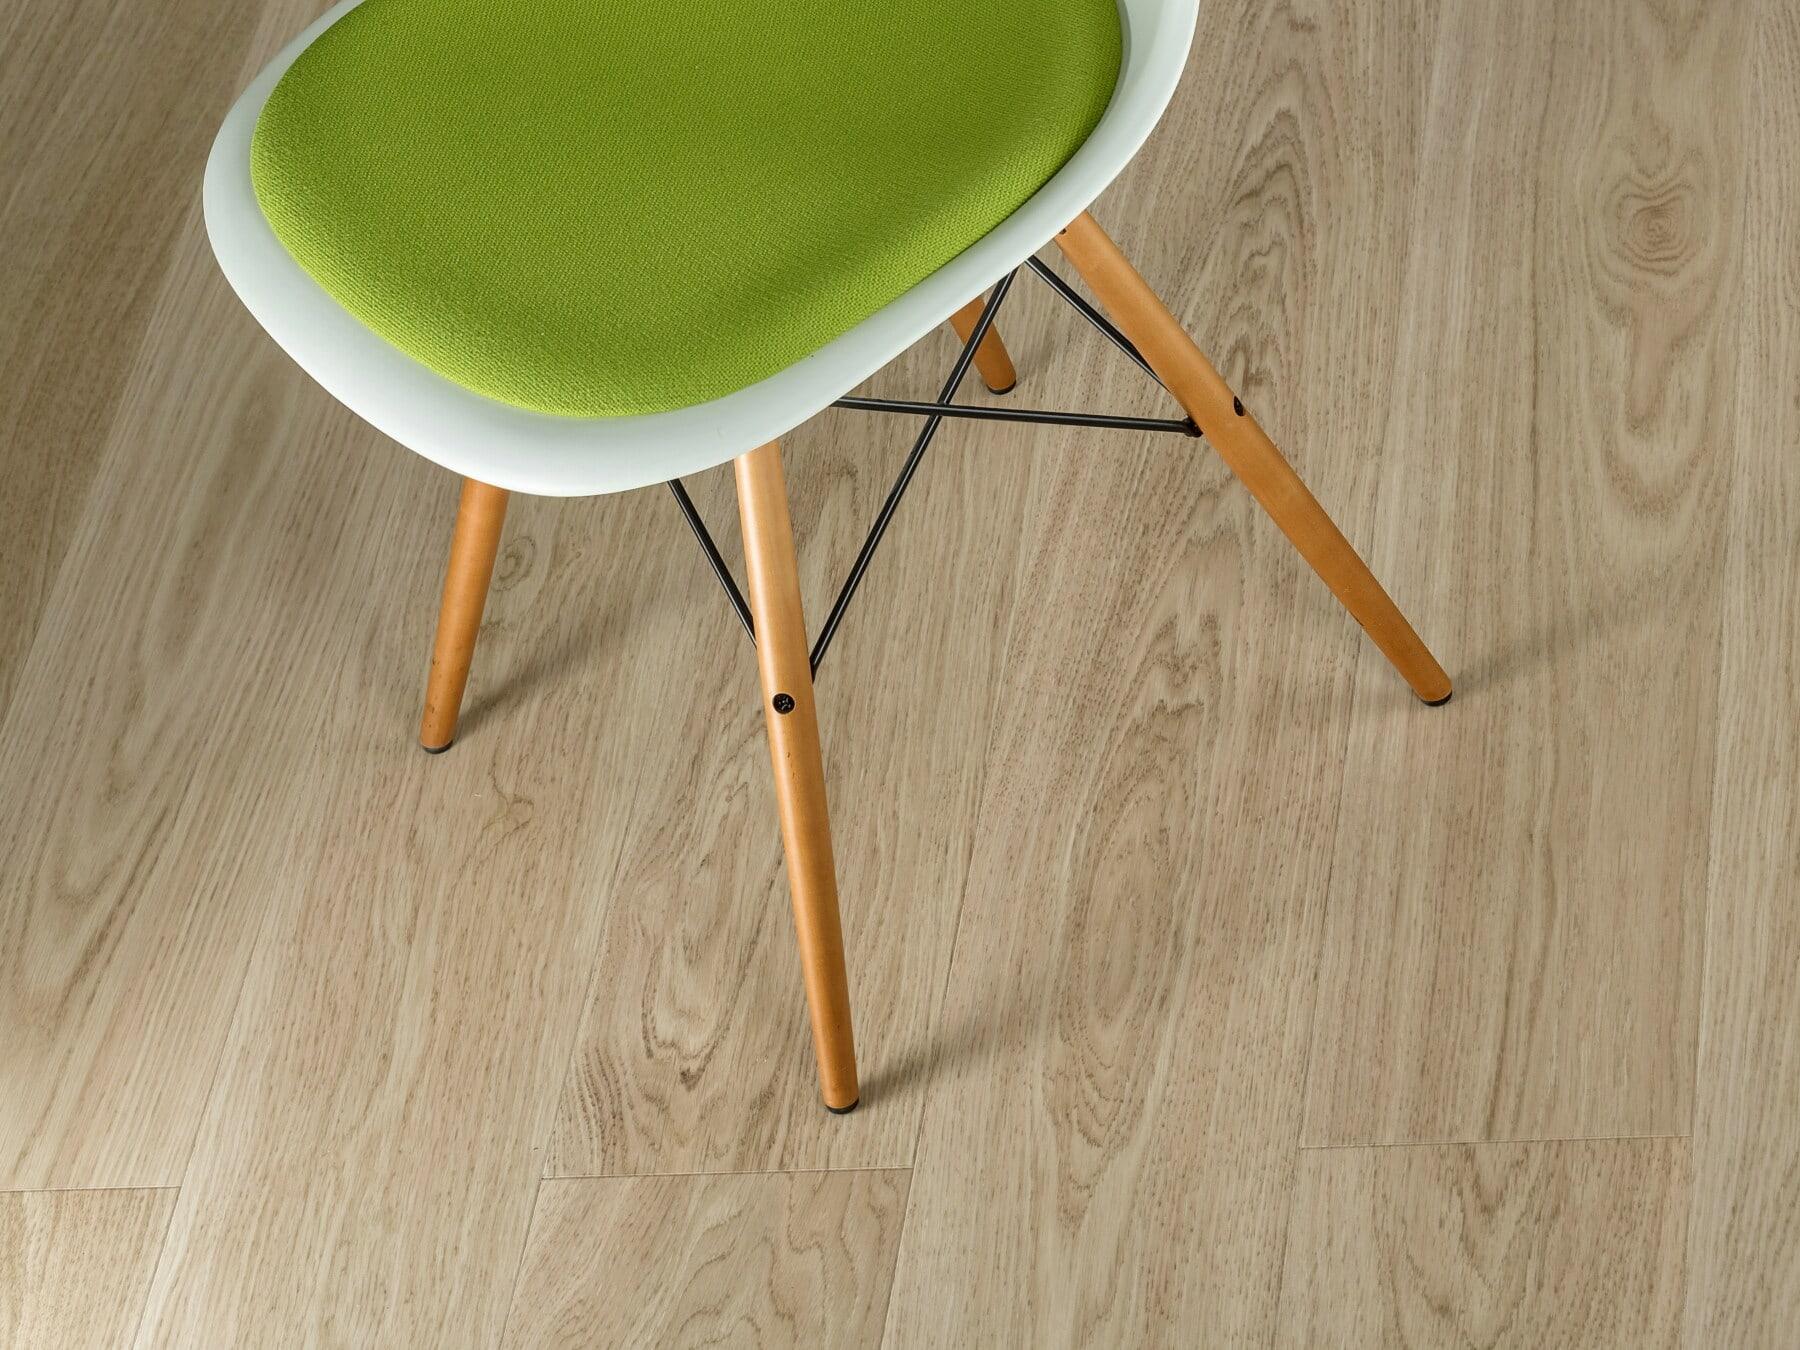 现代, 椅子, 舒适, 凳子, 绿色, 座位, 硬木, 木材, 为空, 家具